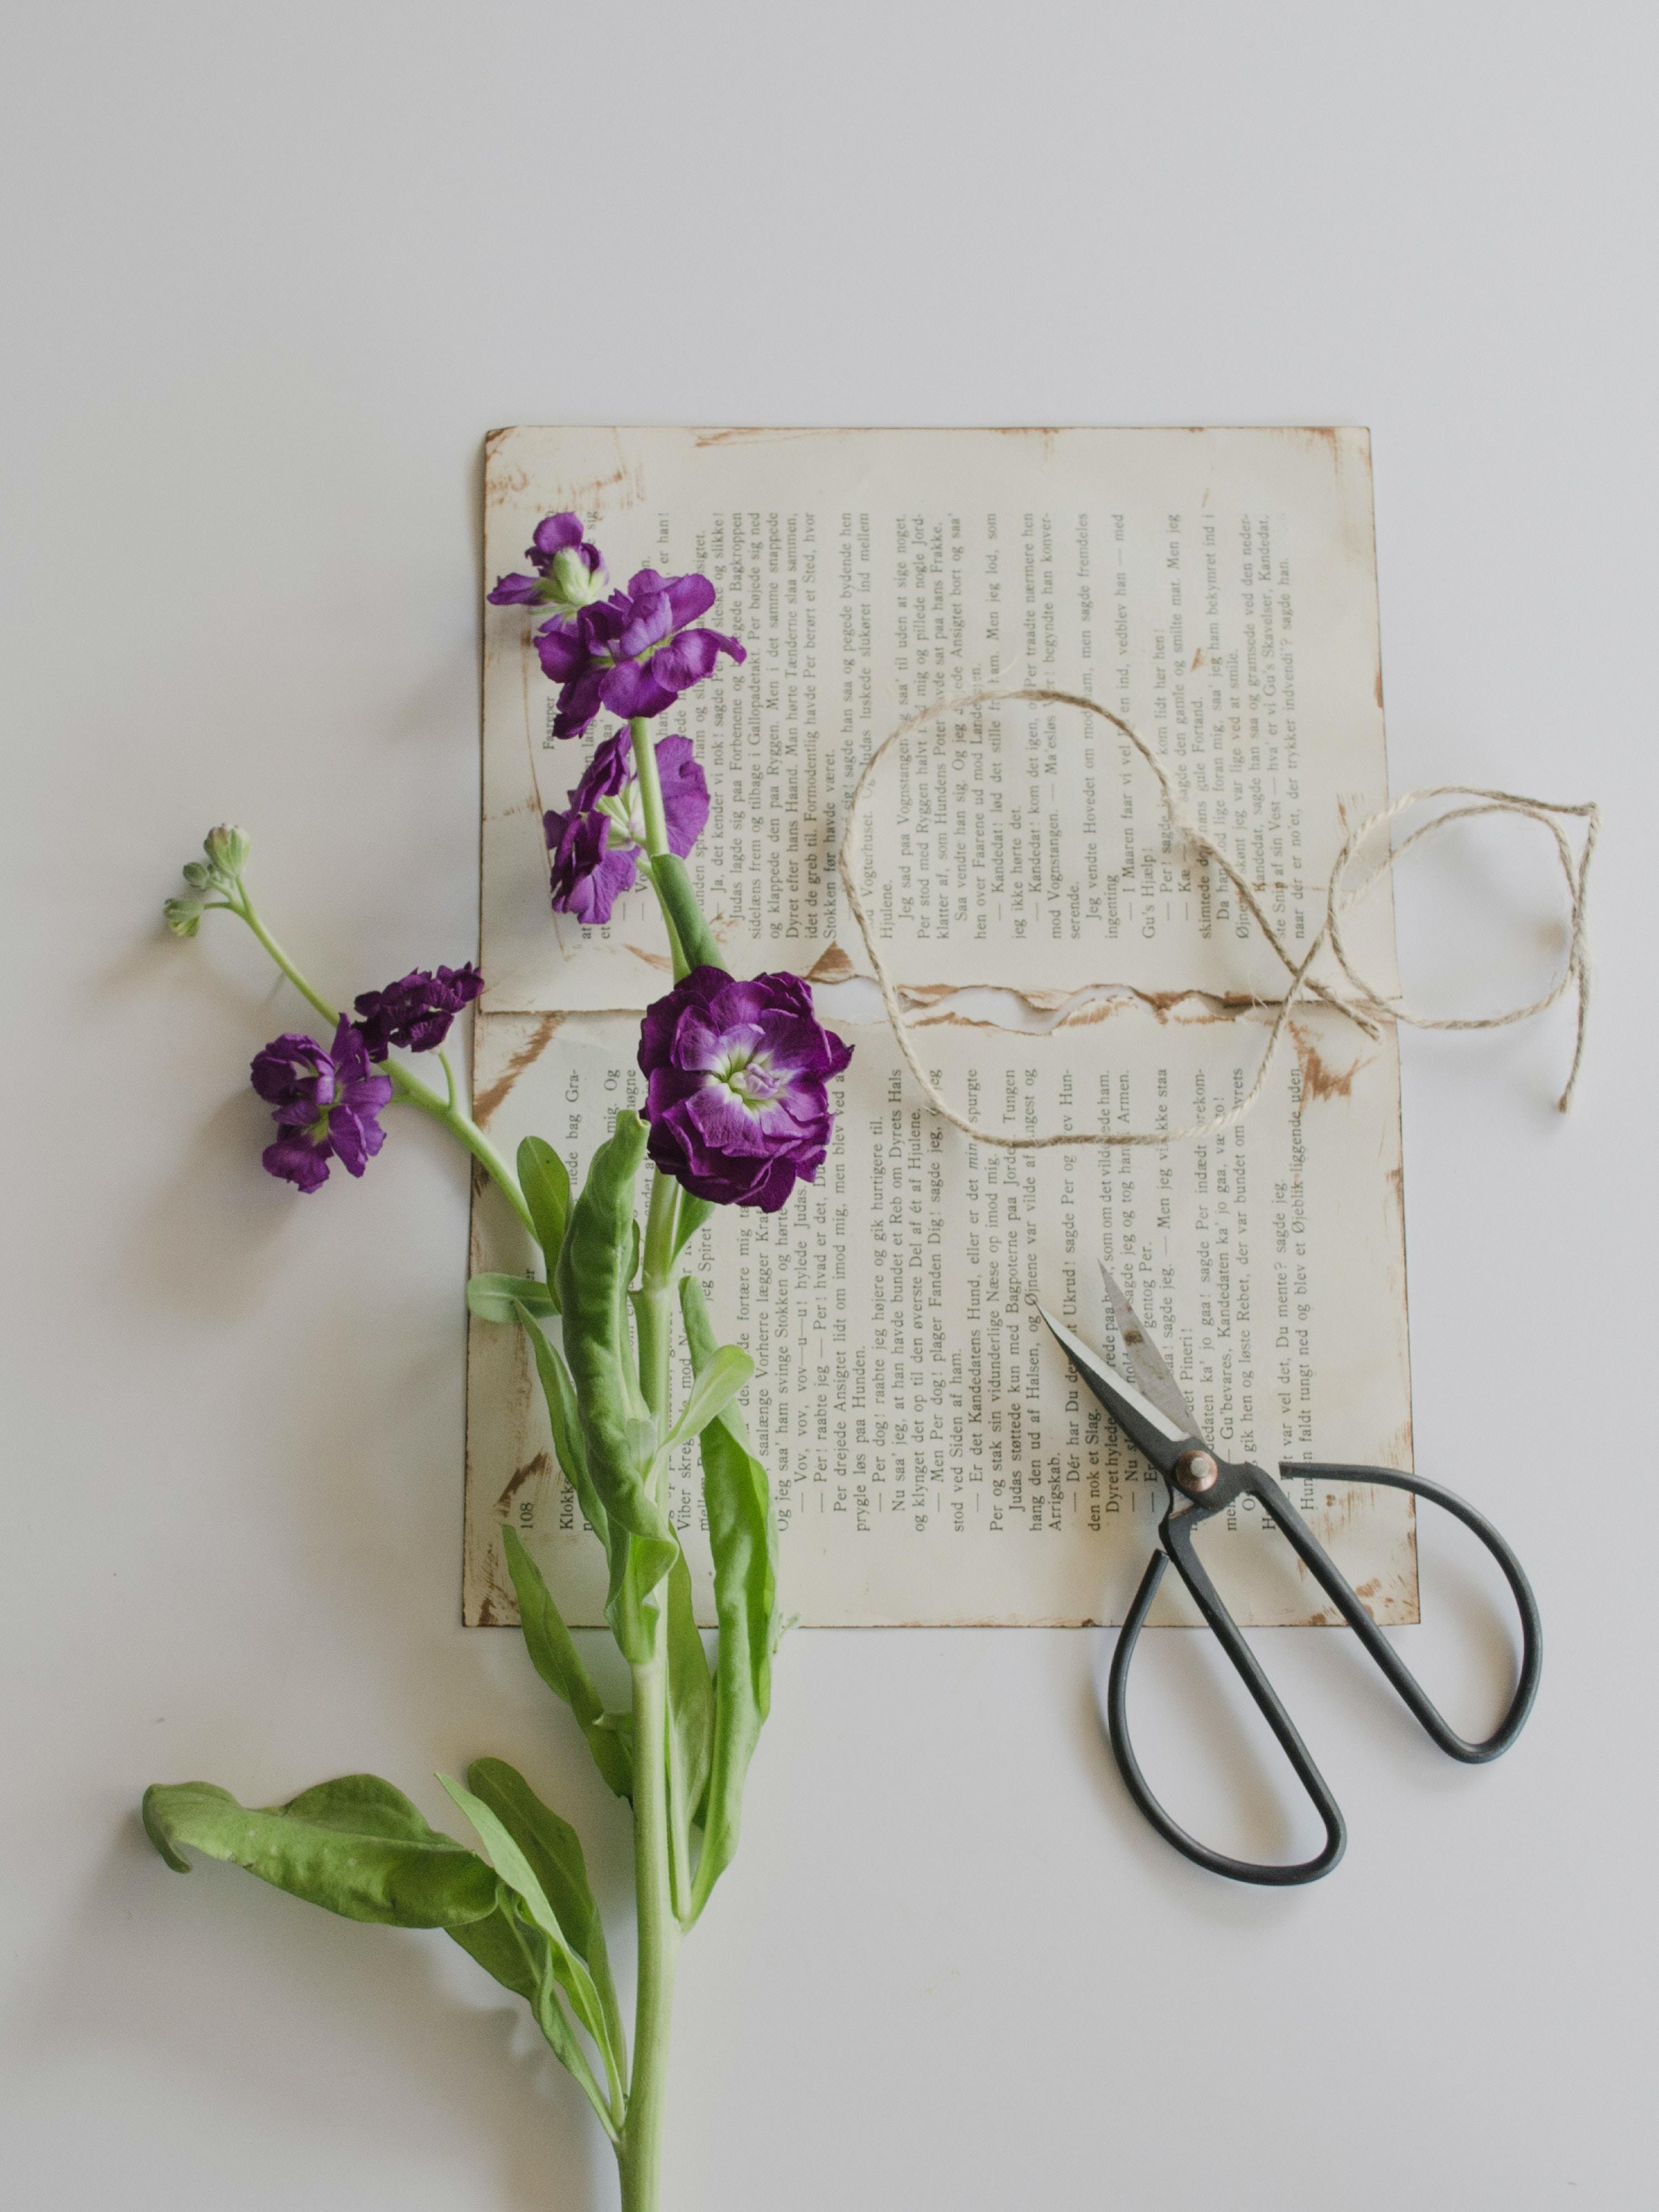 purple petaled flowers on printing paper beside shears